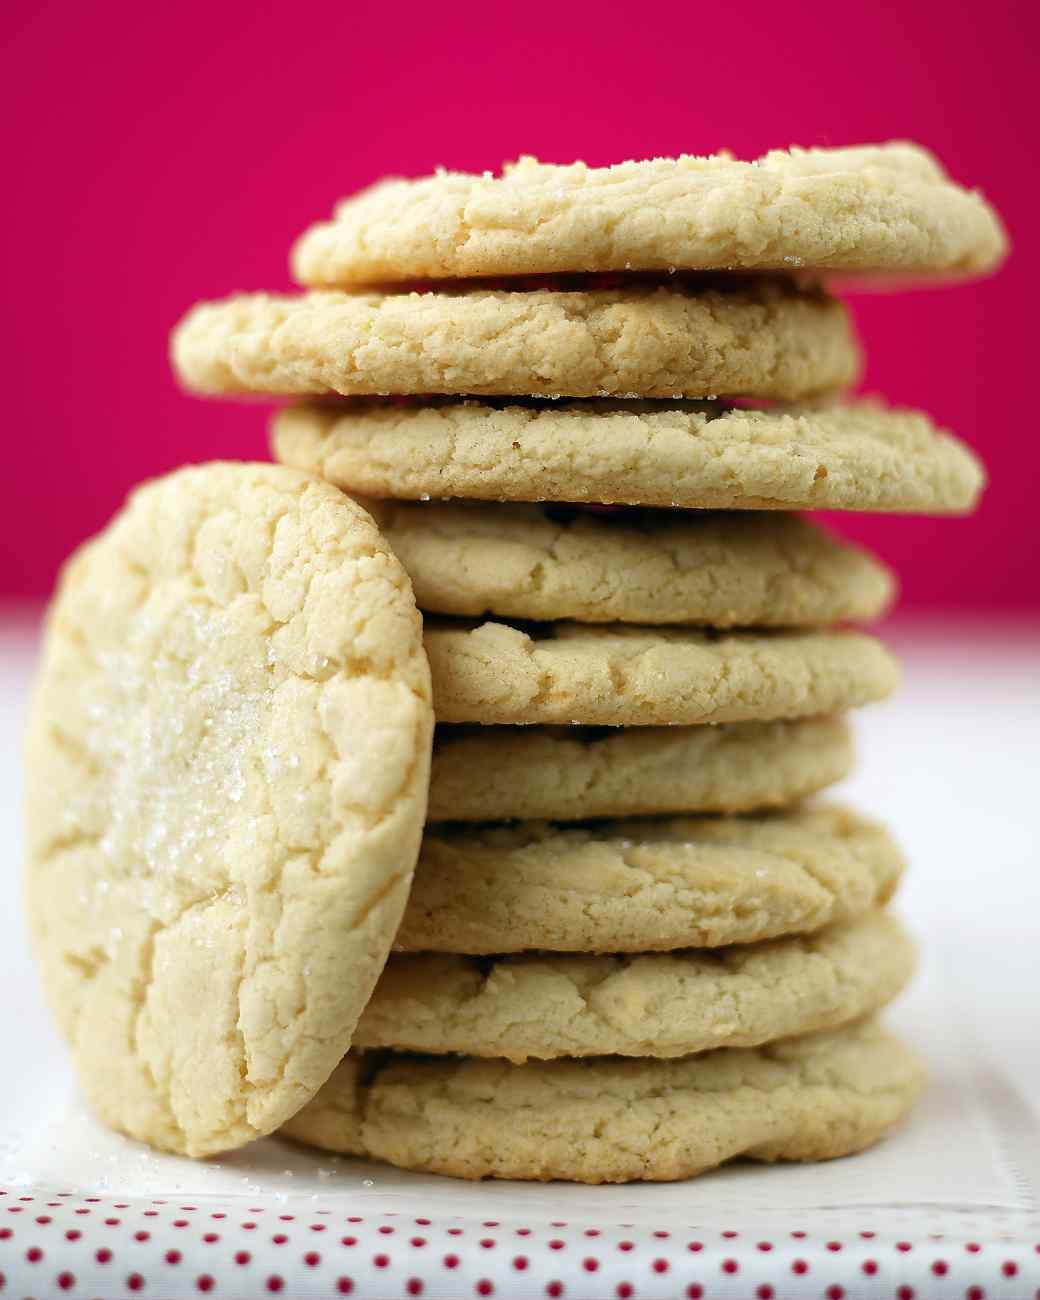 Solub Arome Francie Solub Arome - Vzorky příchutí 1,5ml - Sladké Kategorie: Sladké, Příchuť: Příchuť Cookies, Množství: 1,5ml